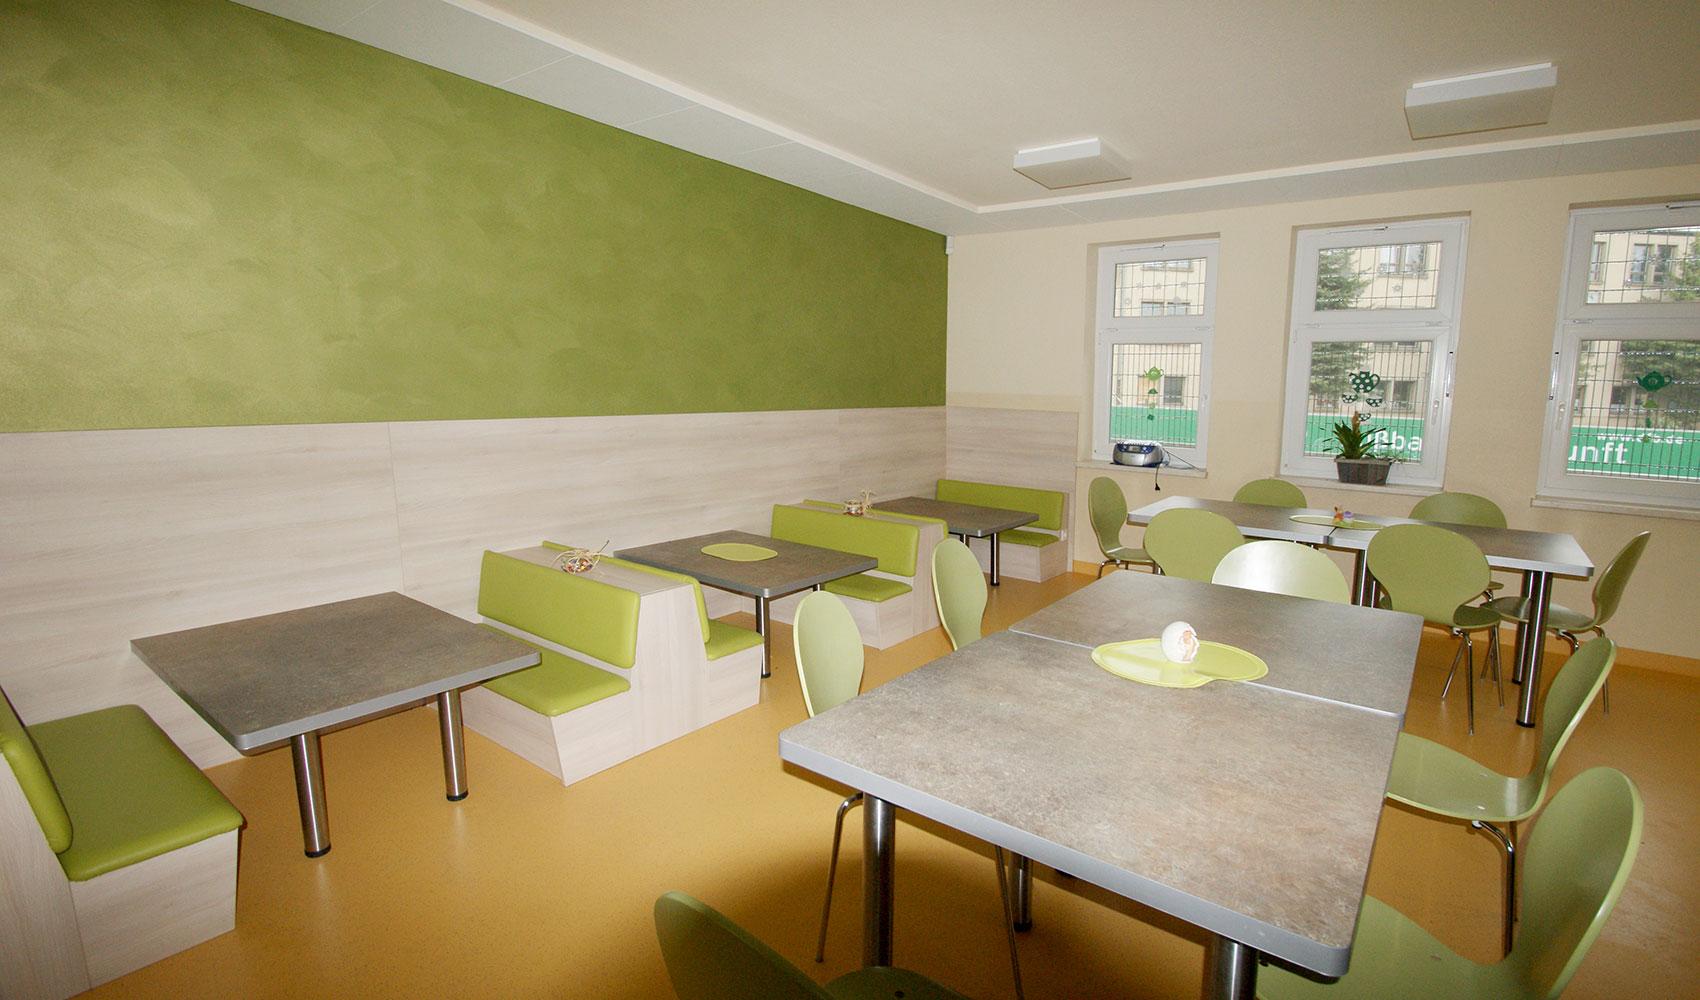 Outdoor Küche Kindergarten : Kindergarten schule fahrenfeld gmbh küchen tischlerarbeiten